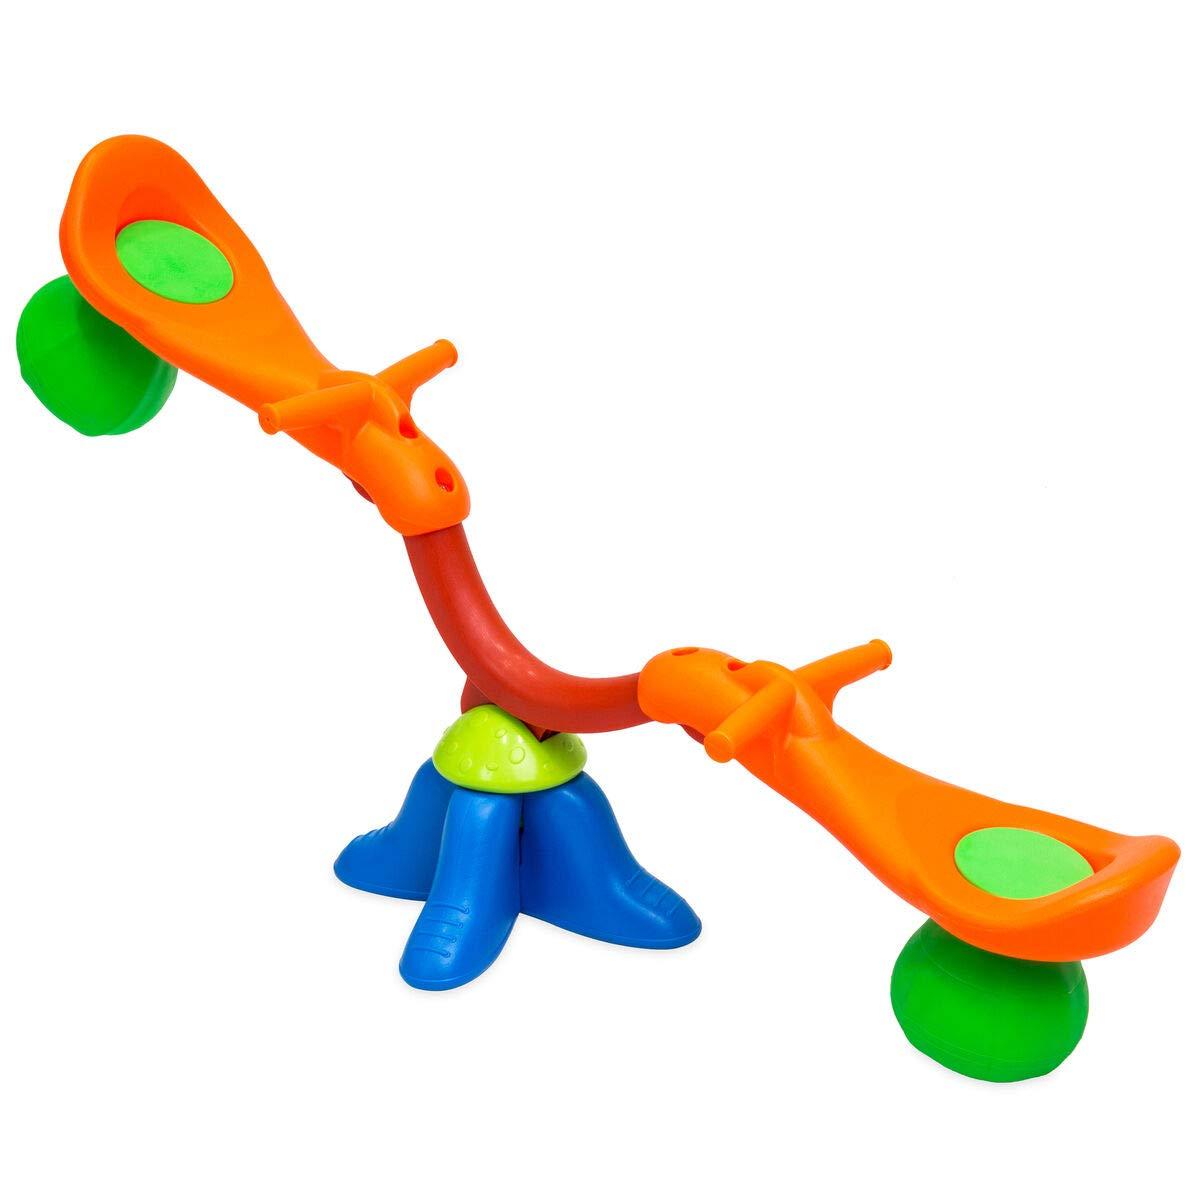 Kids Toddler 360 Degree Swivel Seesaw Bouncer Teeter Totter - Multicolor, Best Children's Toys 2019